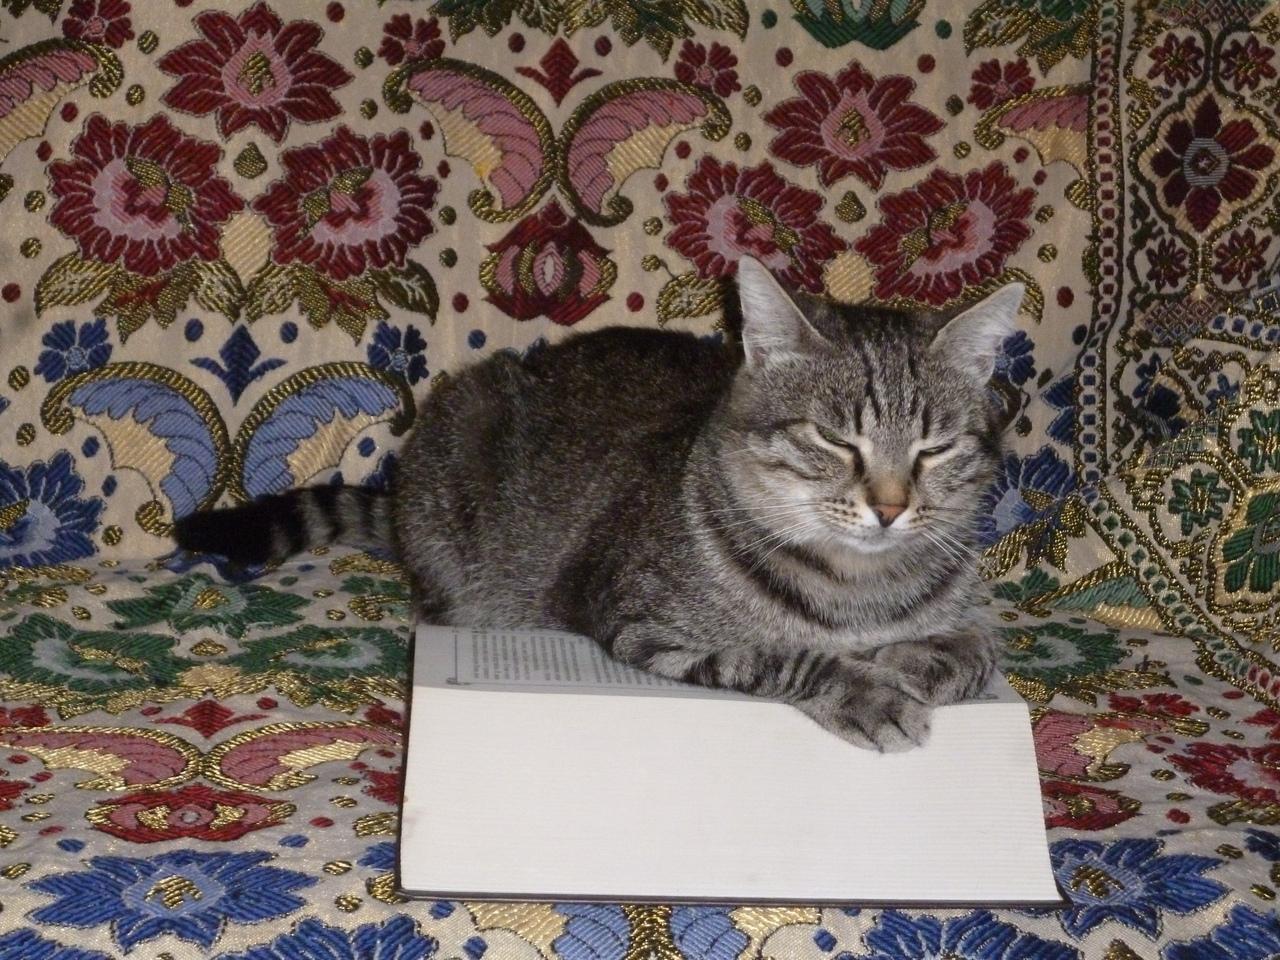 Книга оказалась не очень интересной.